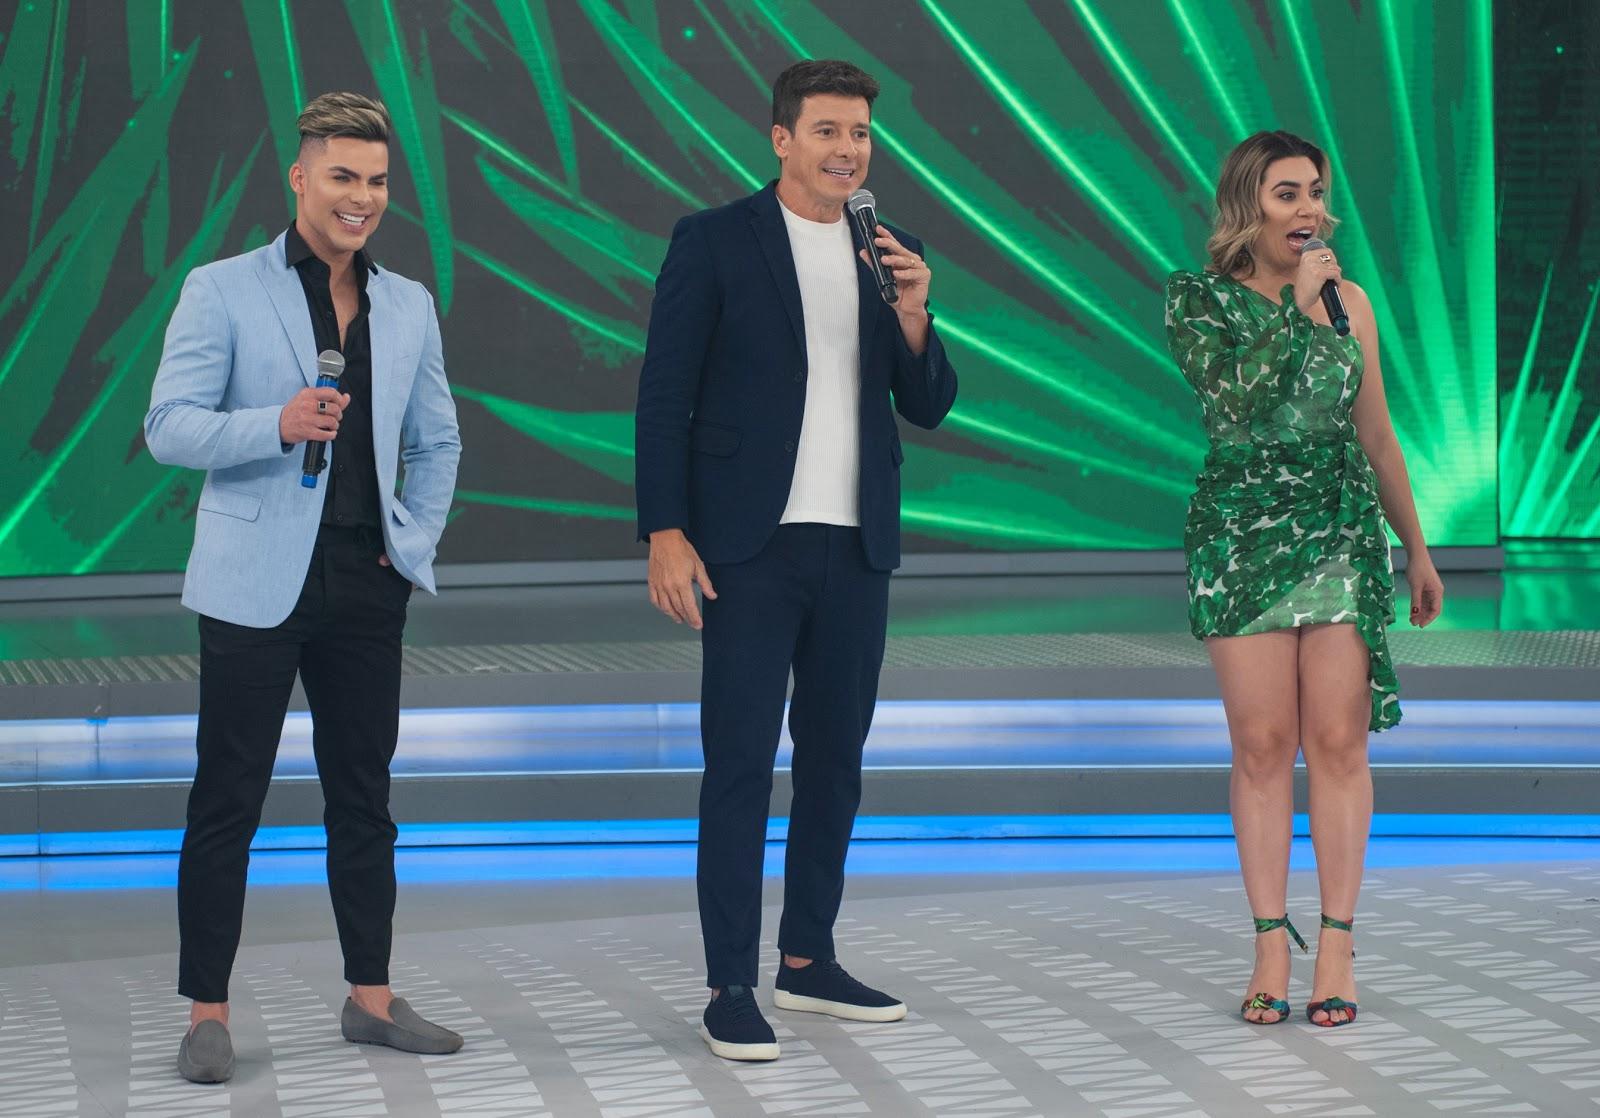 Em especial sobre maquiagem artística e transformações corporais, Rodrigo  Faro recebe novo Ken Humano, Naiara Azevedo e outros famosos no palco